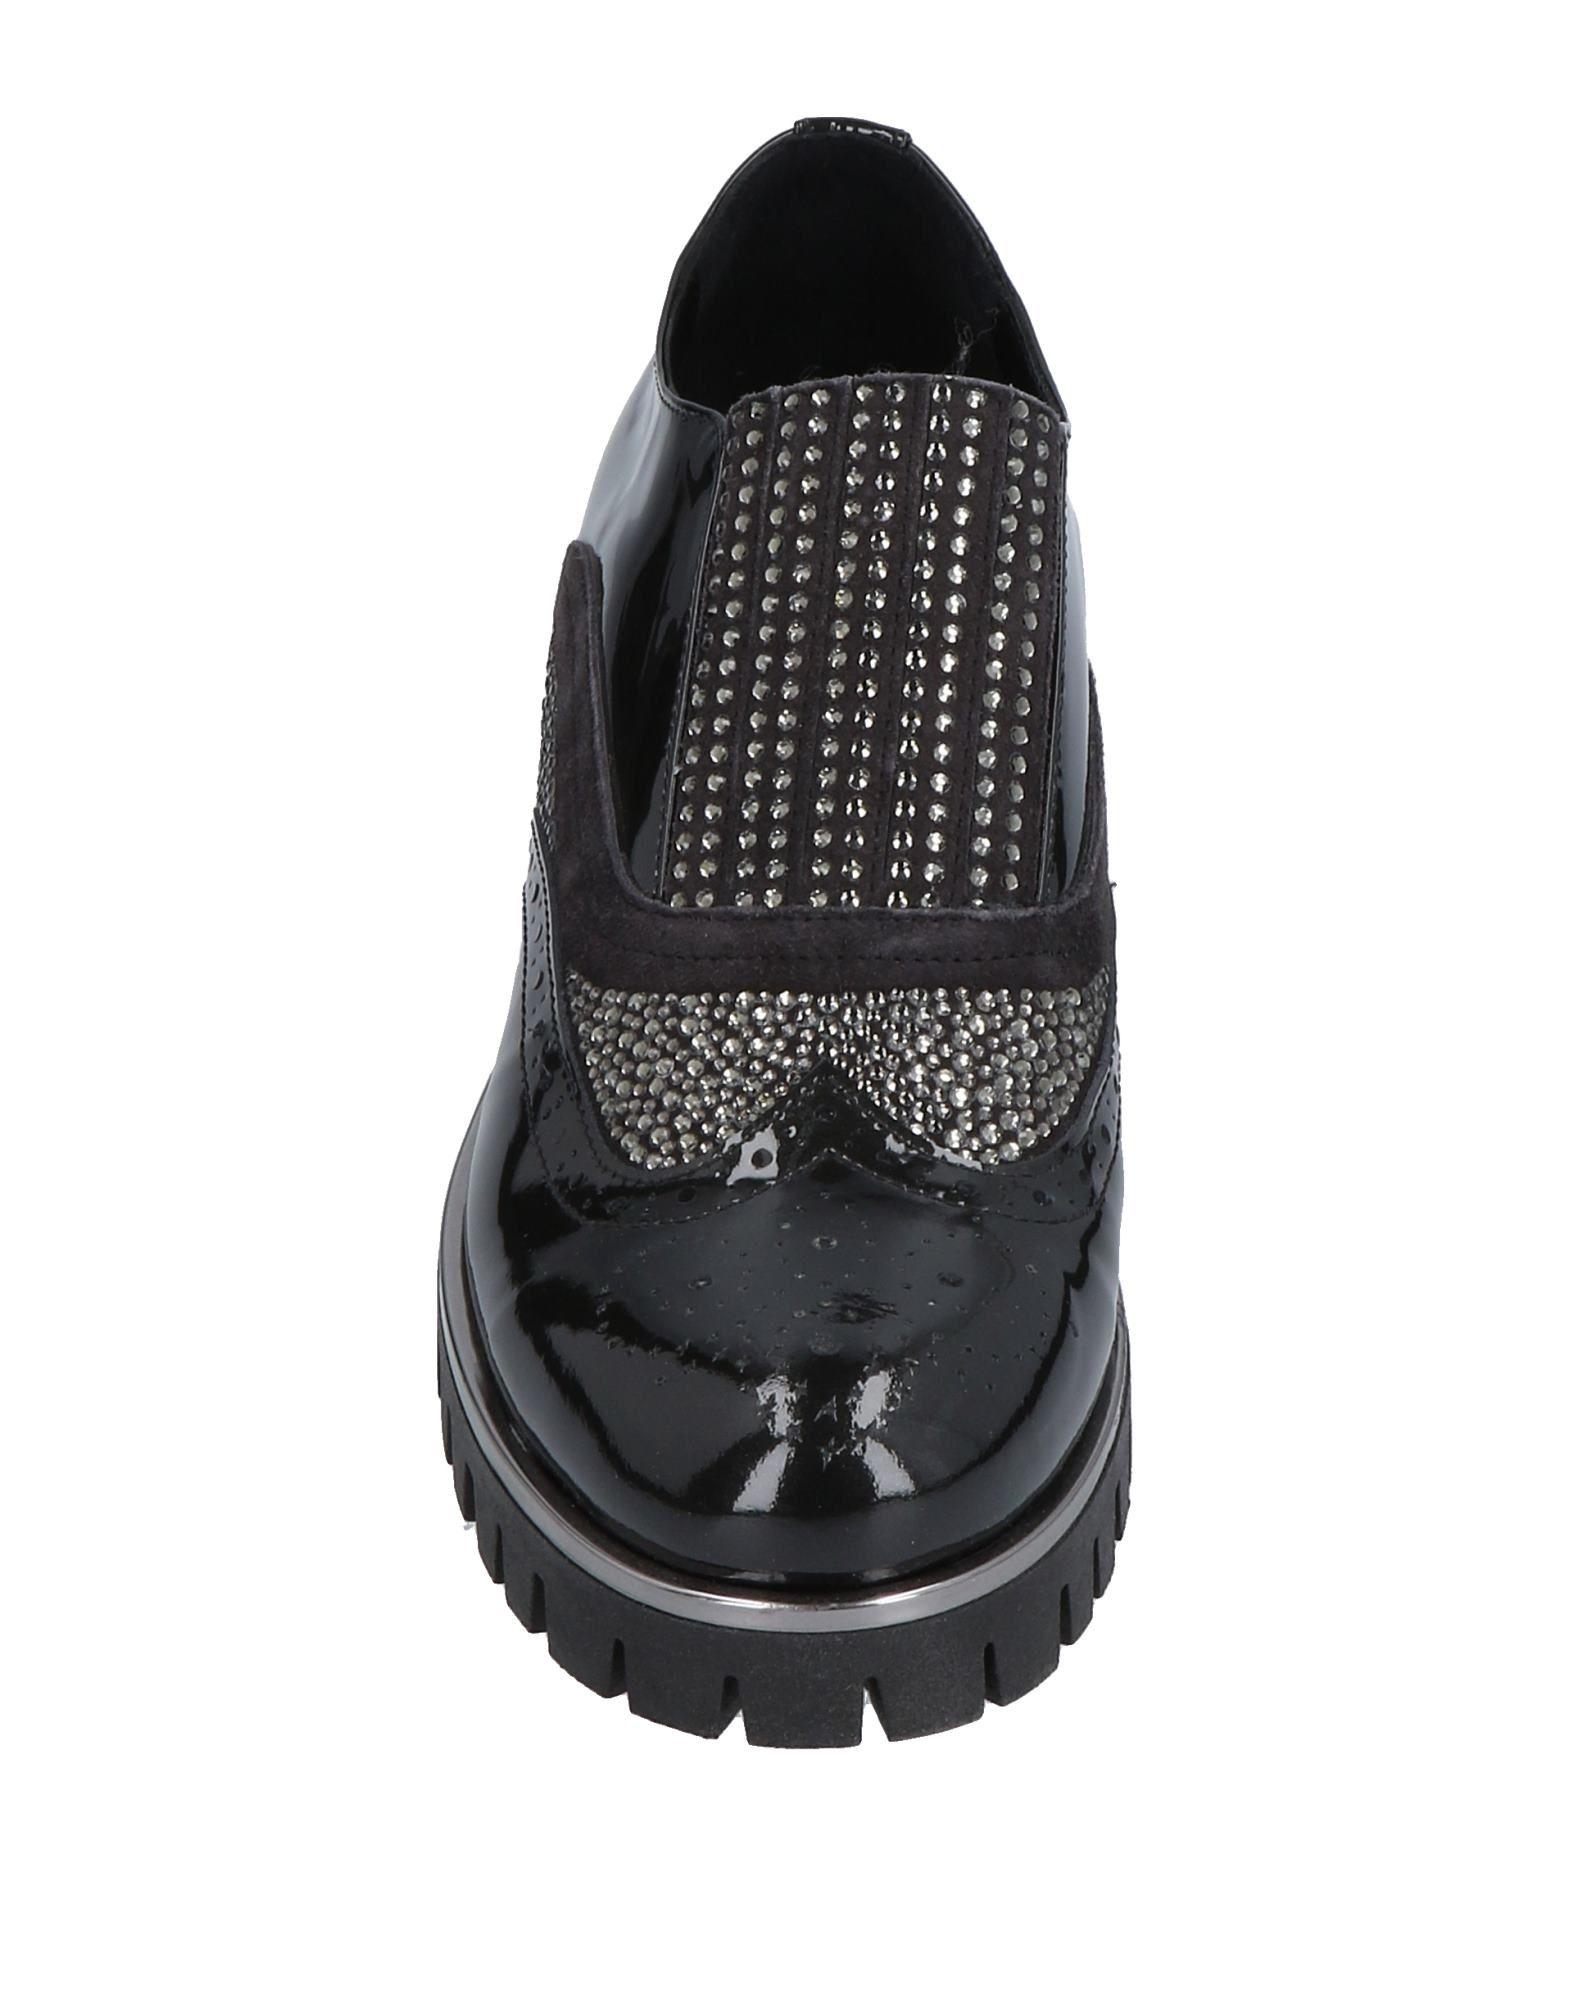 Stilvolle Pettinari billige Schuhe Loretta Pettinari Stilvolle Mokassins Damen  11493864PQ 7144e7